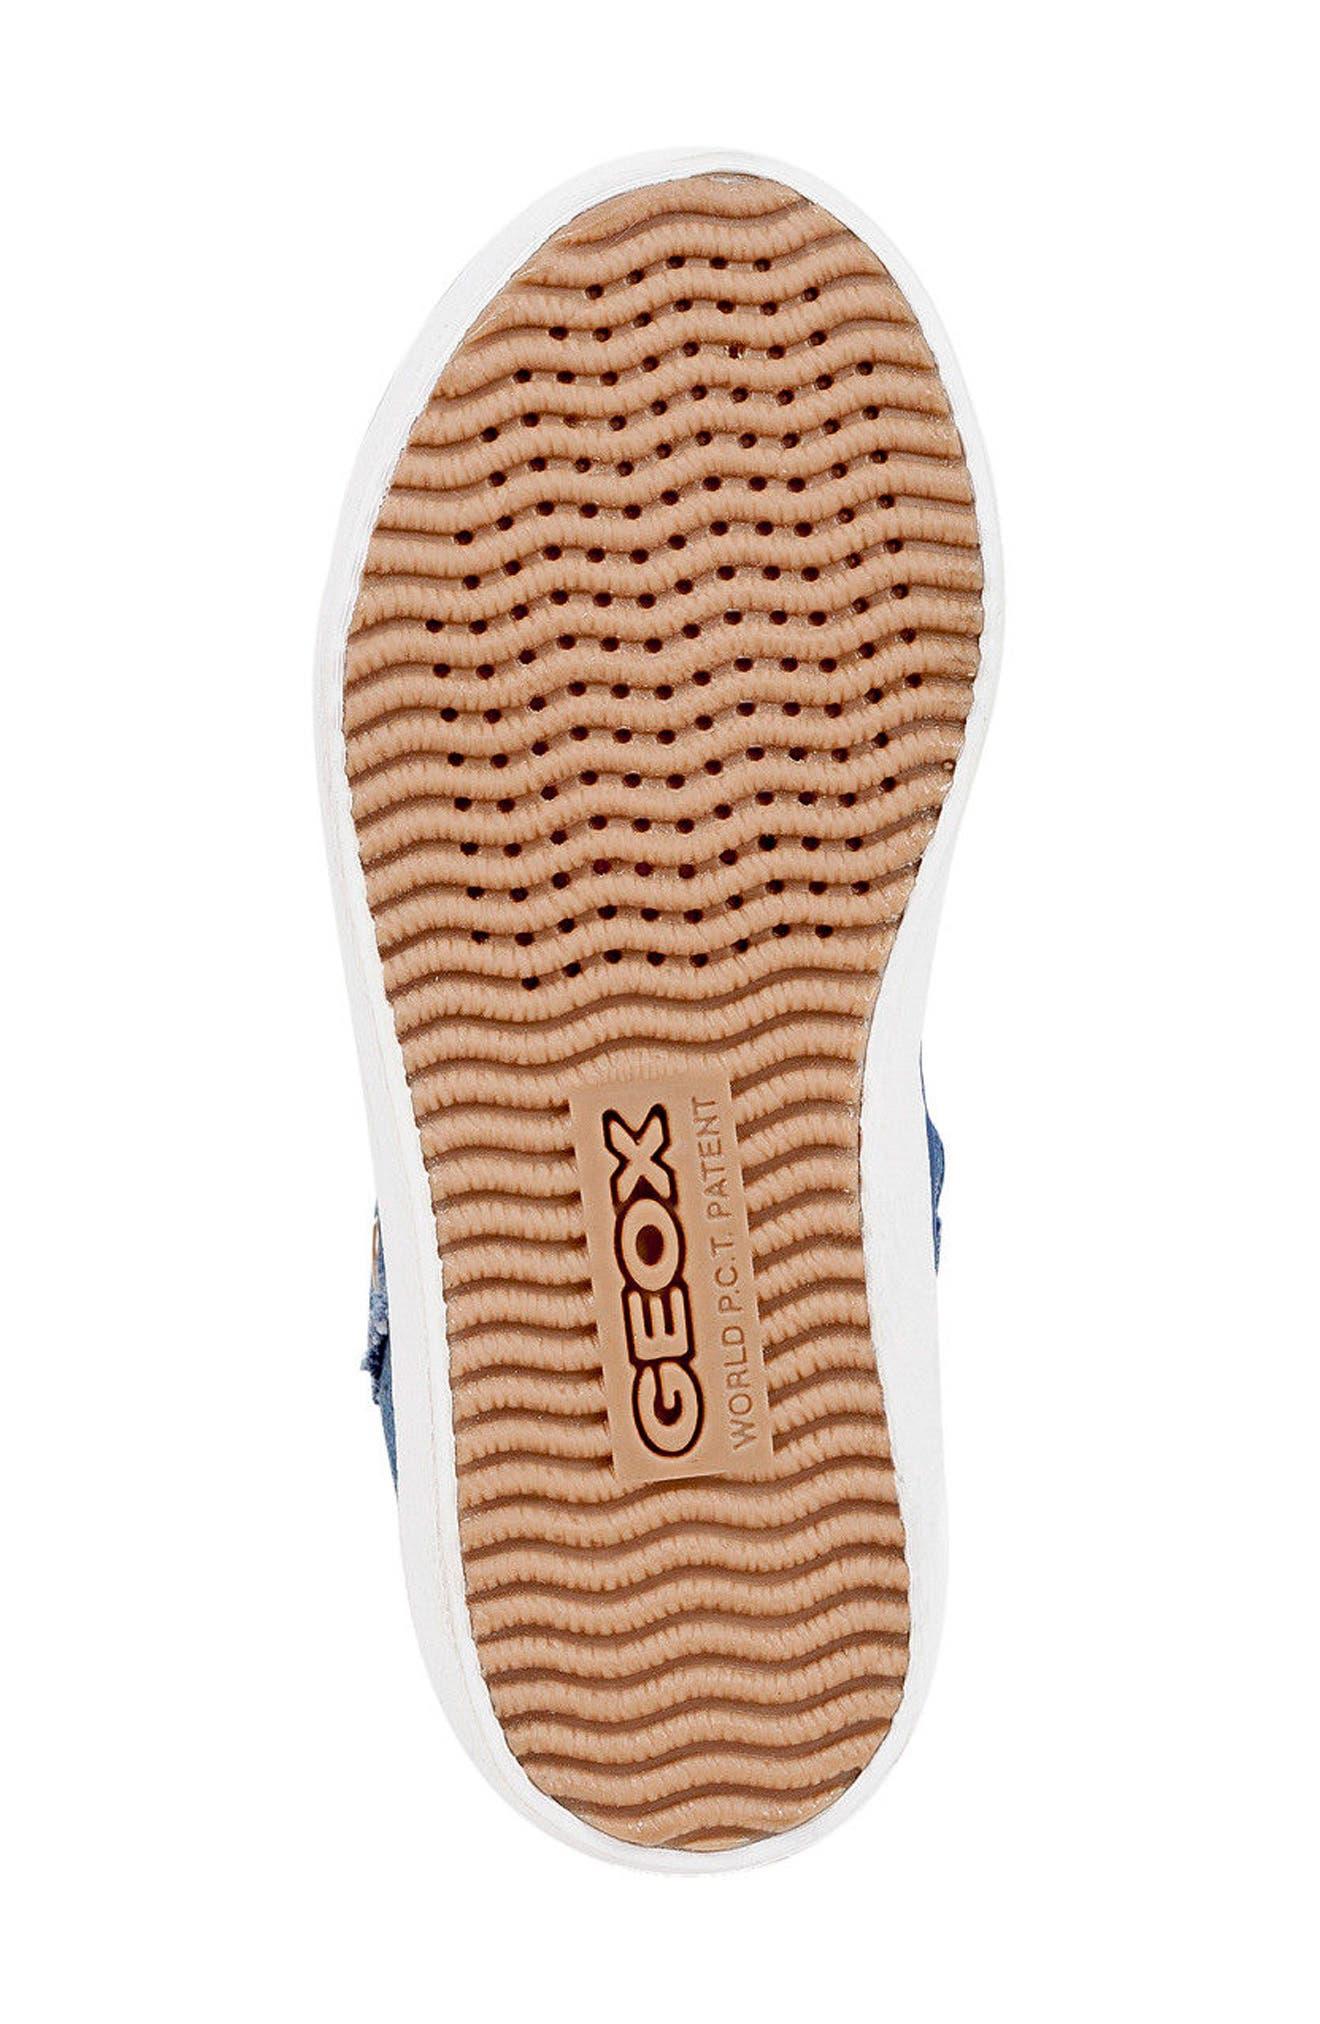 Kilwi High Top Zip Sneaker,                             Alternate thumbnail 5, color,                             Avio